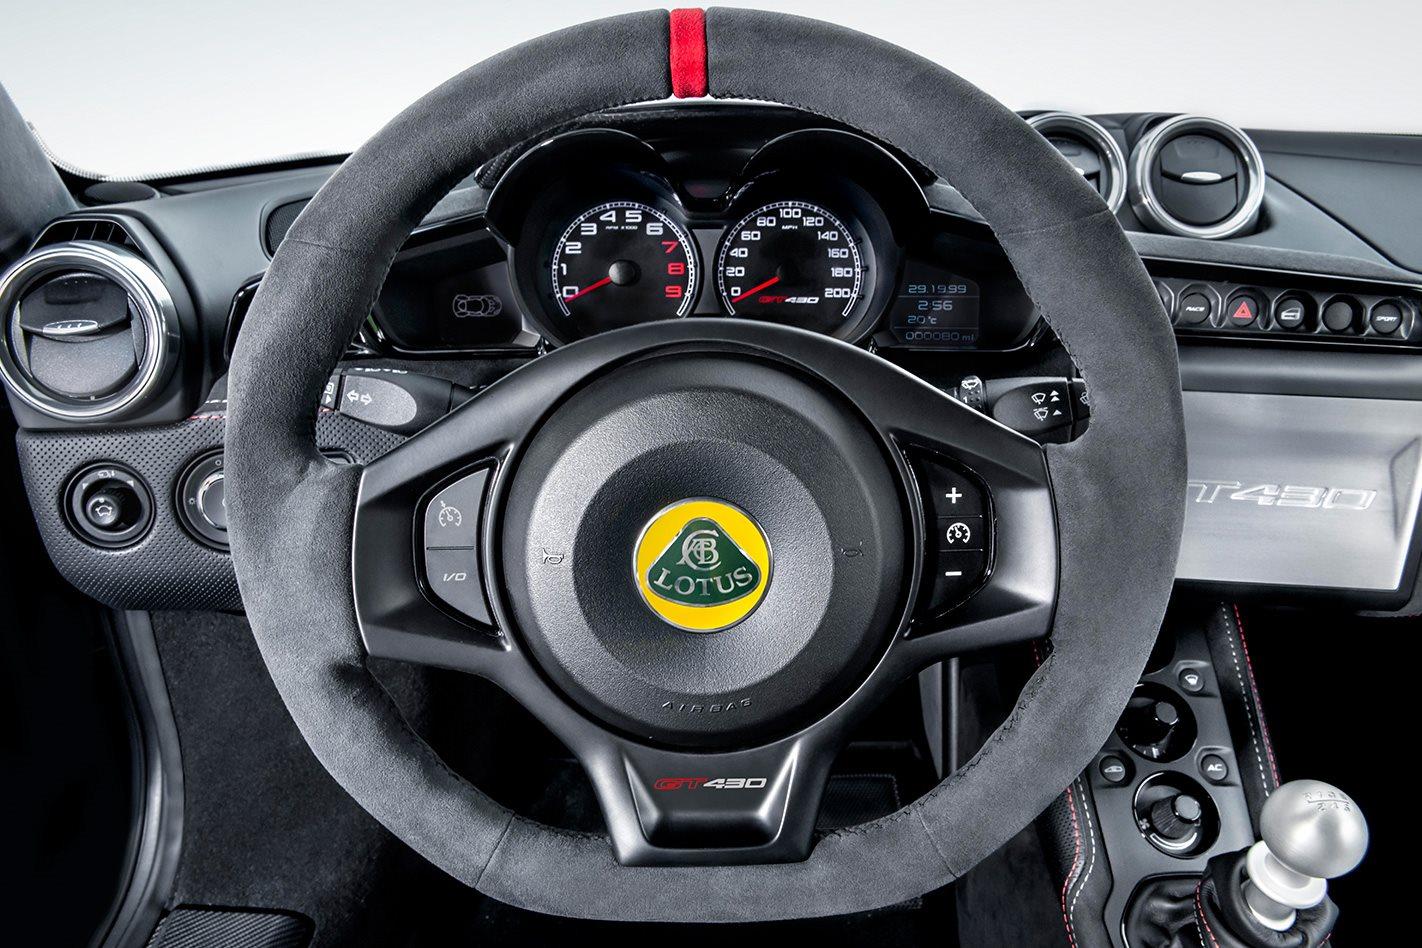 Lotus Evora GT430 Sport steering wheel